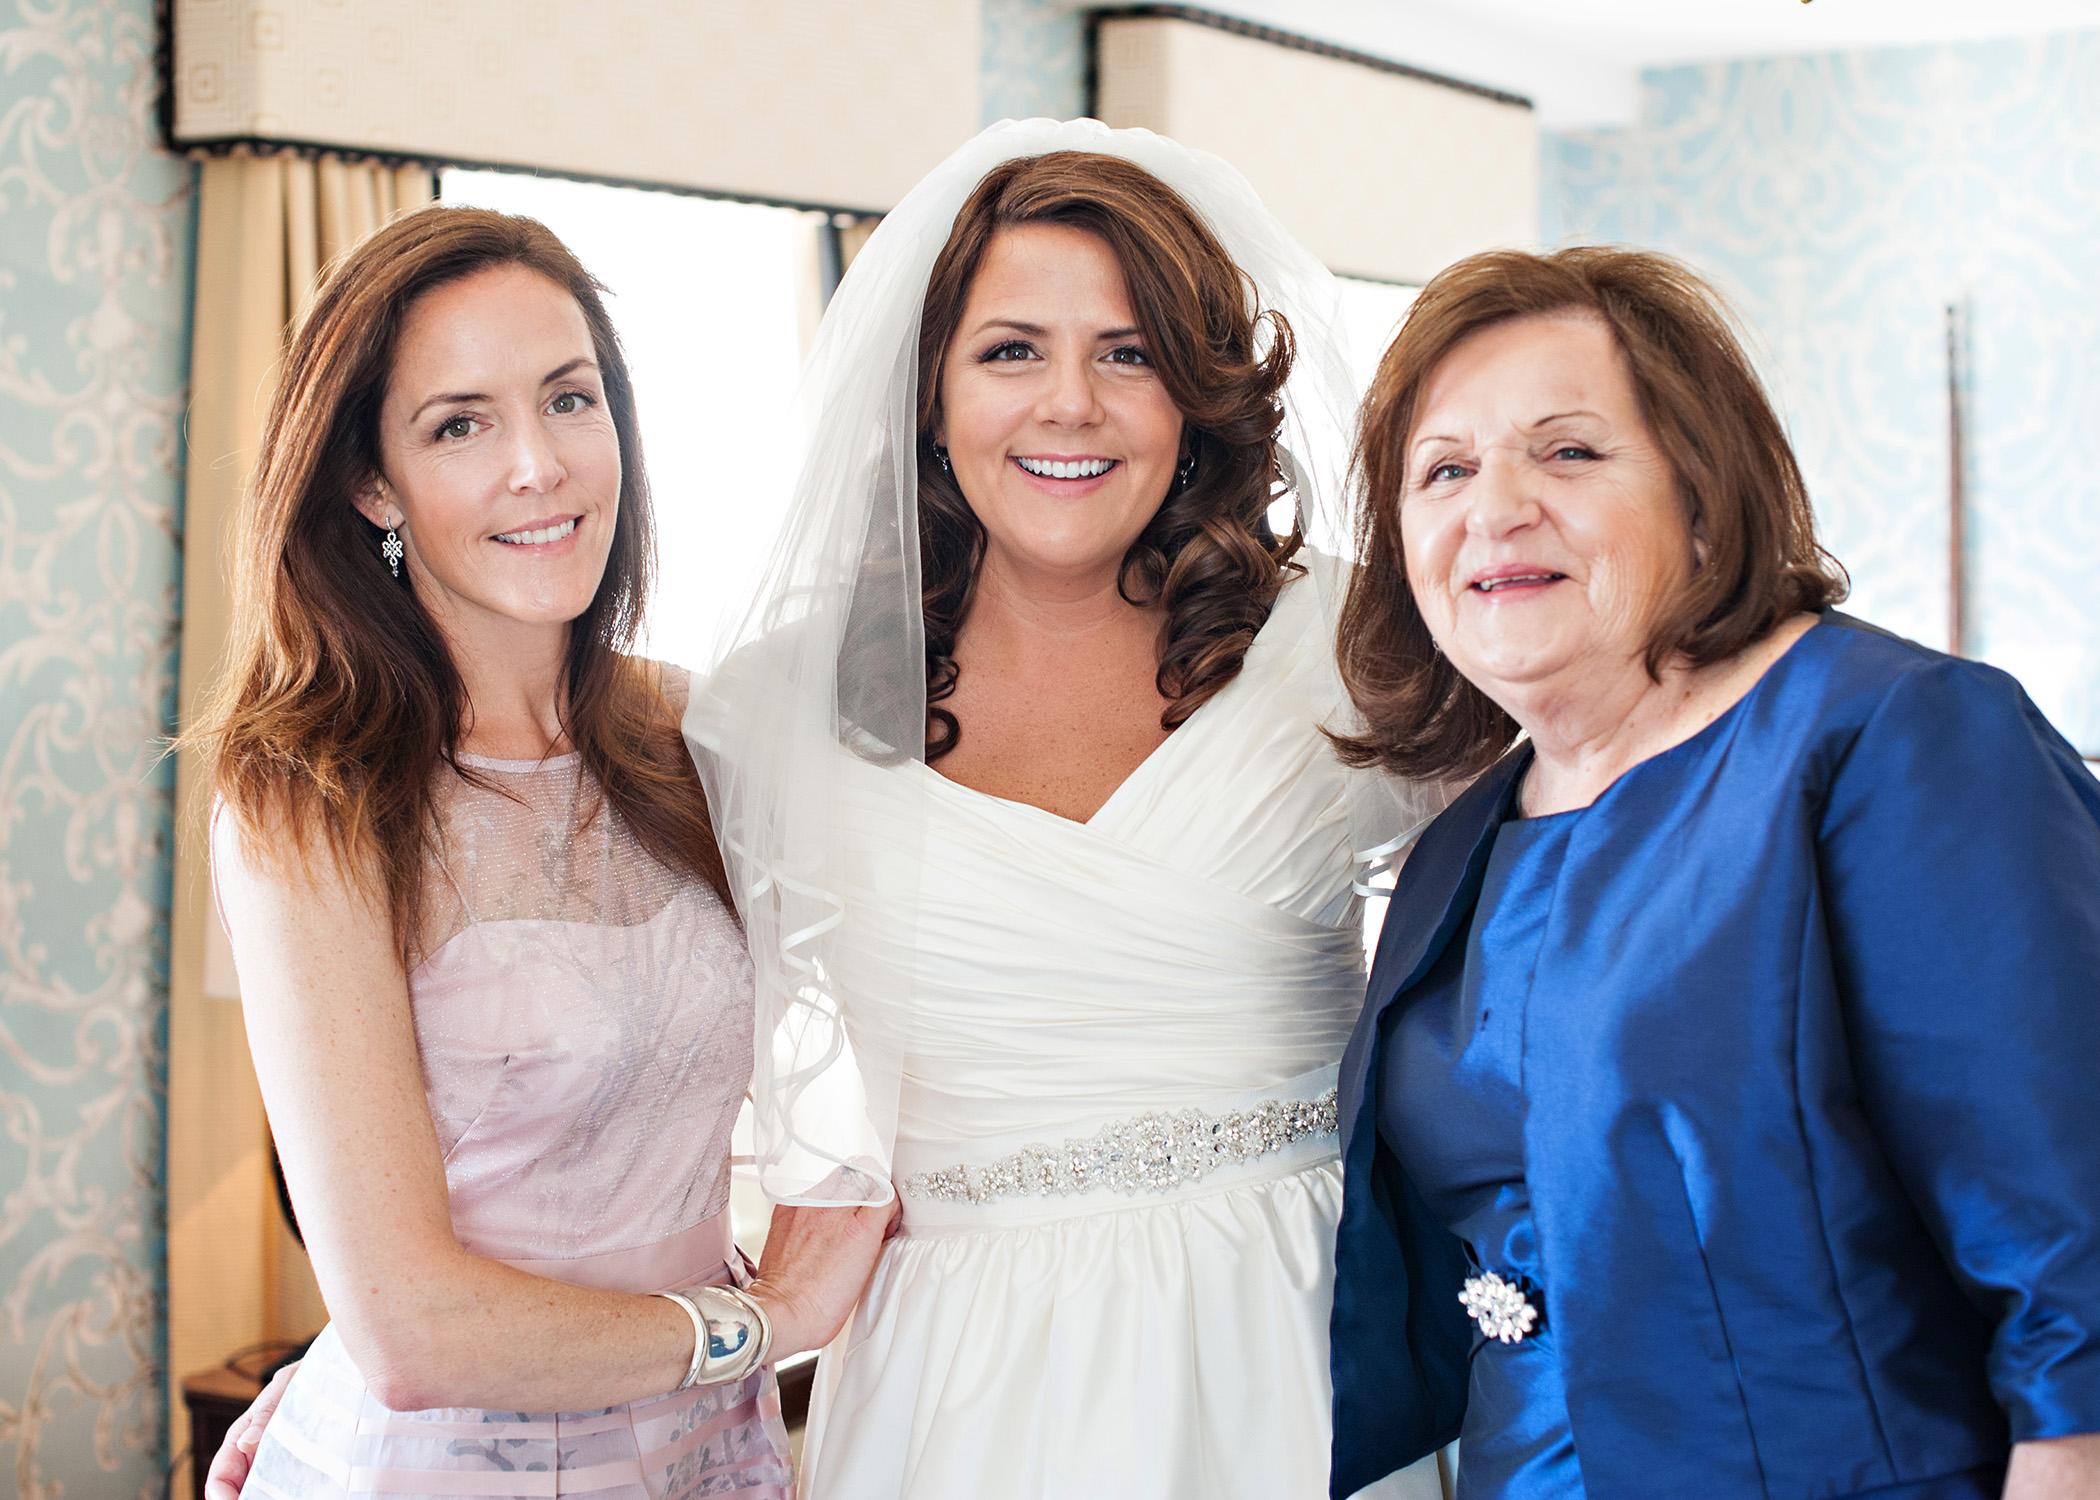 05-Sara Stadtmiller-SRS-Photography-Asbury-Park-Wedding-Photographer-Monmouth-County-Wedding-Photographer-NJ-Wedding-Photographer-Molly-Pitcher-Inn-Wedding